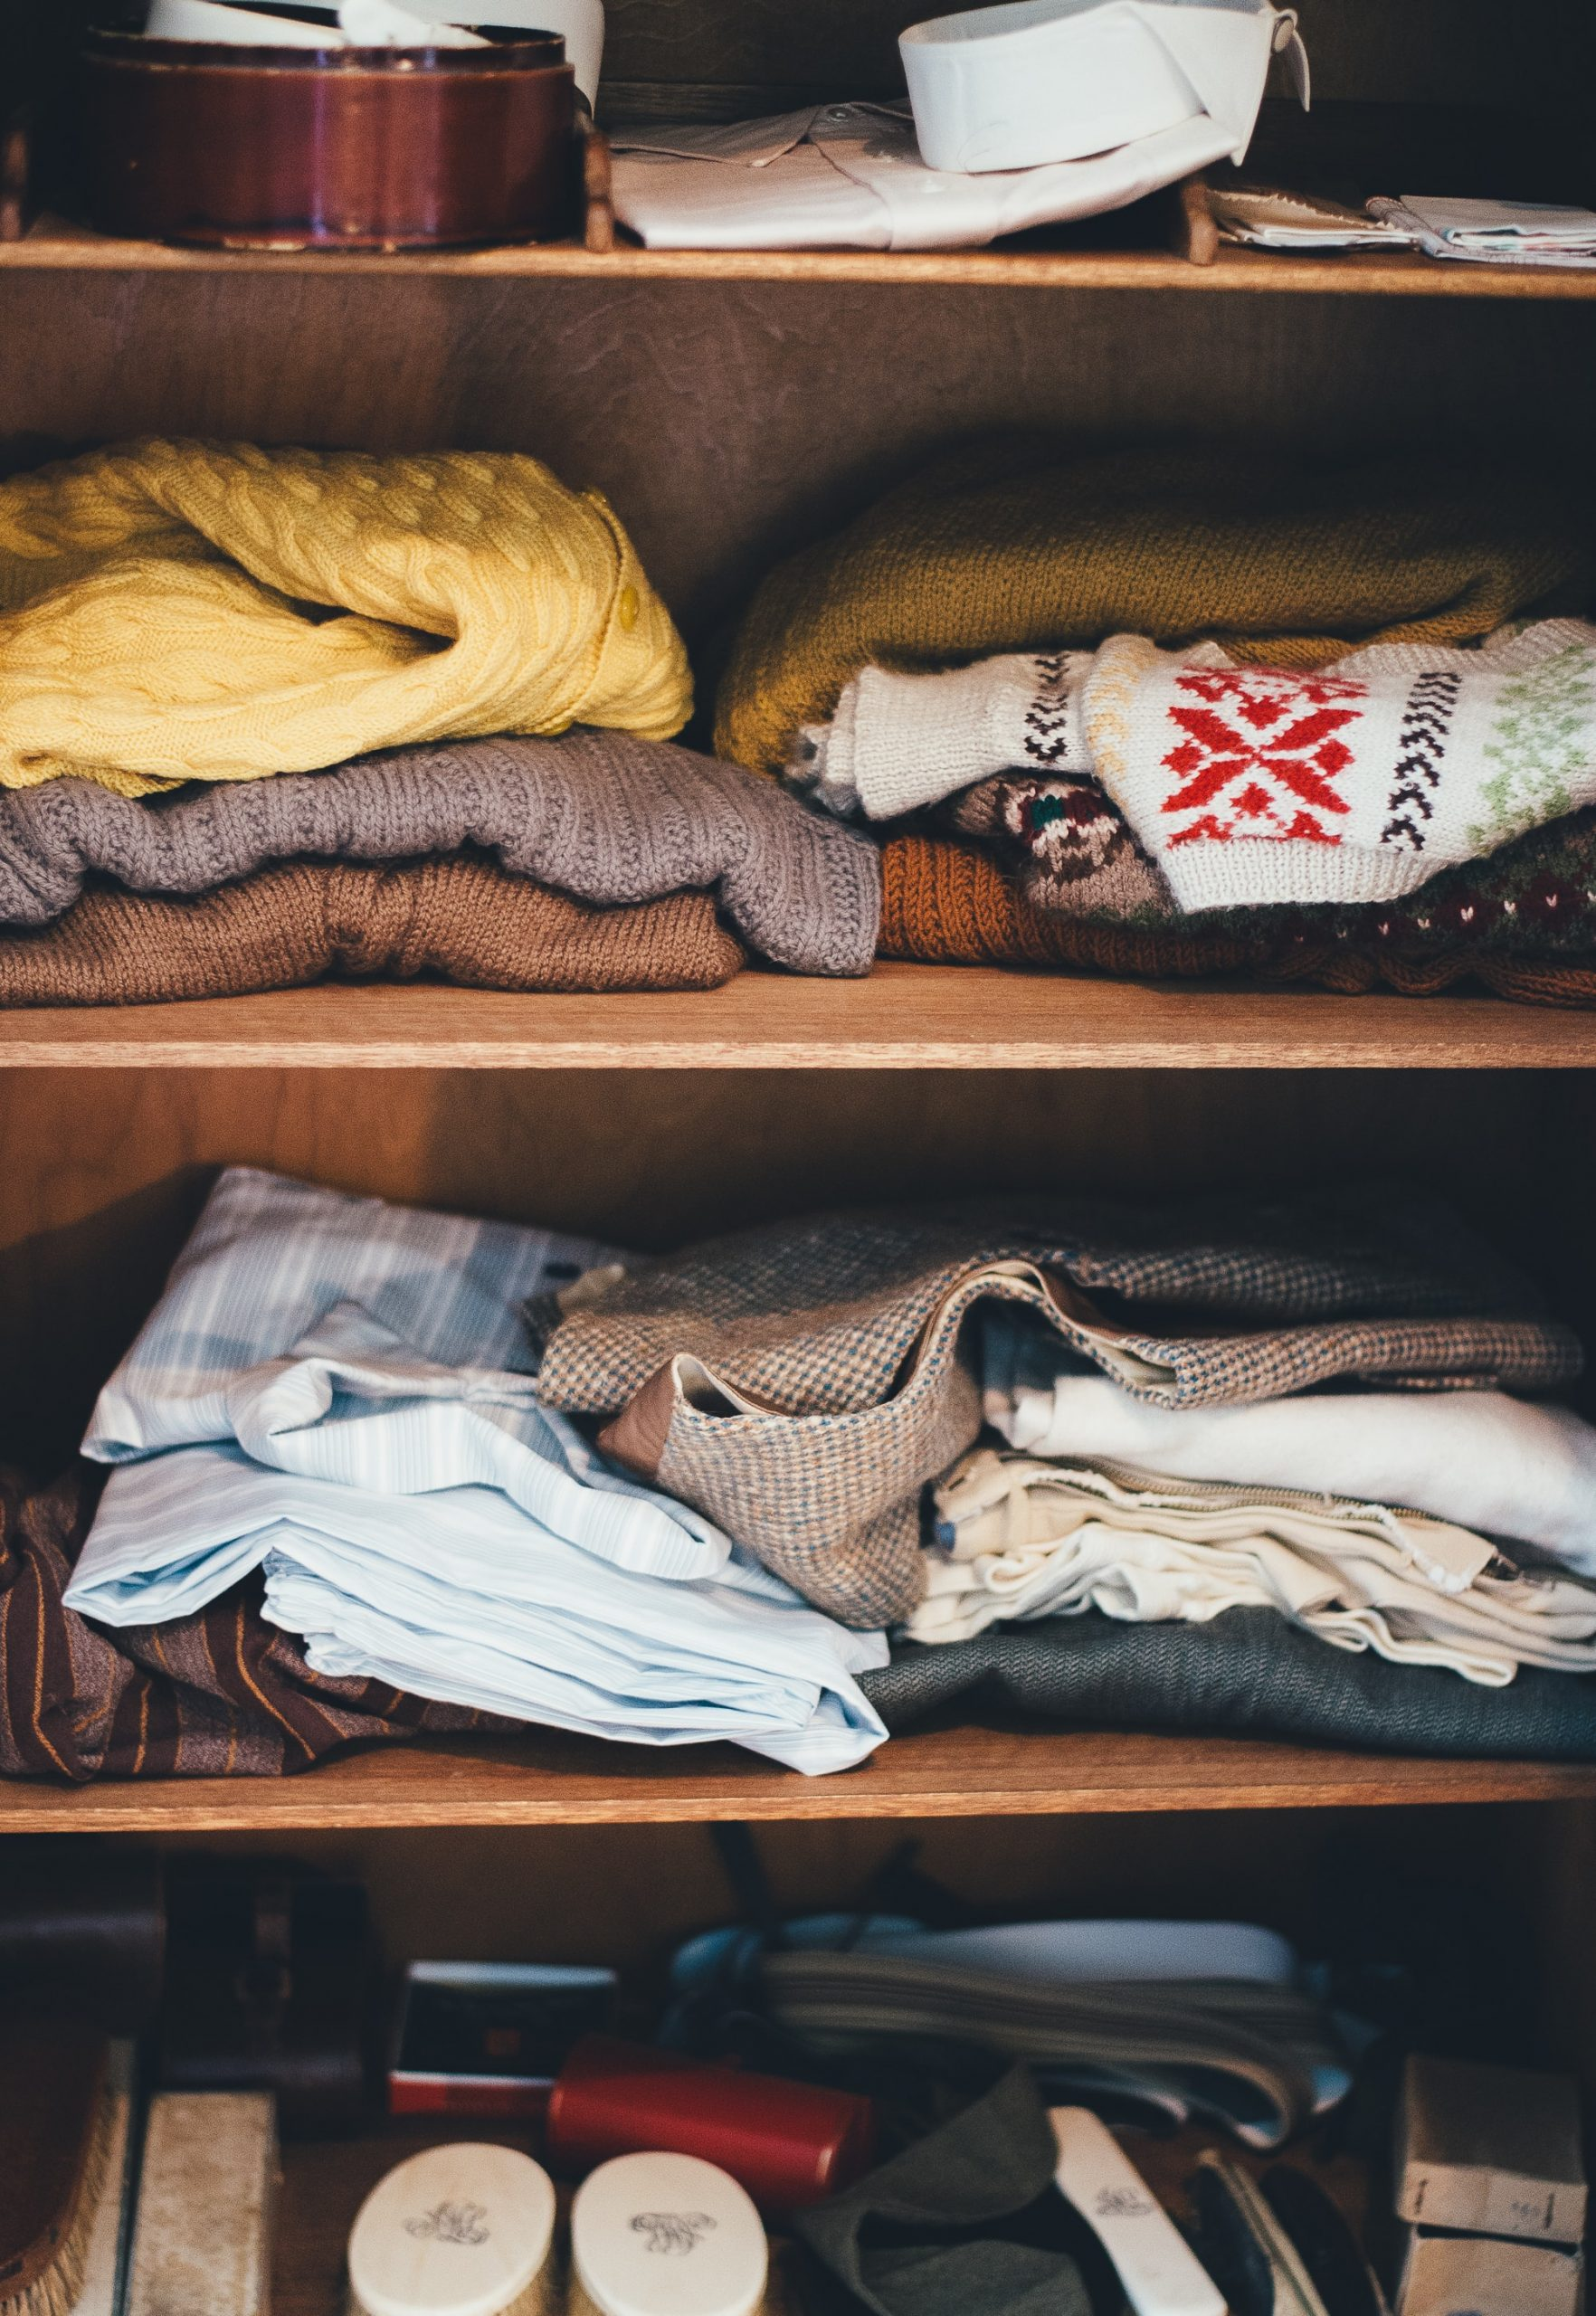 Ξέρεις πώς να καθαρίζεις σωστά τα ρούχα σου από τον κορονοϊό;